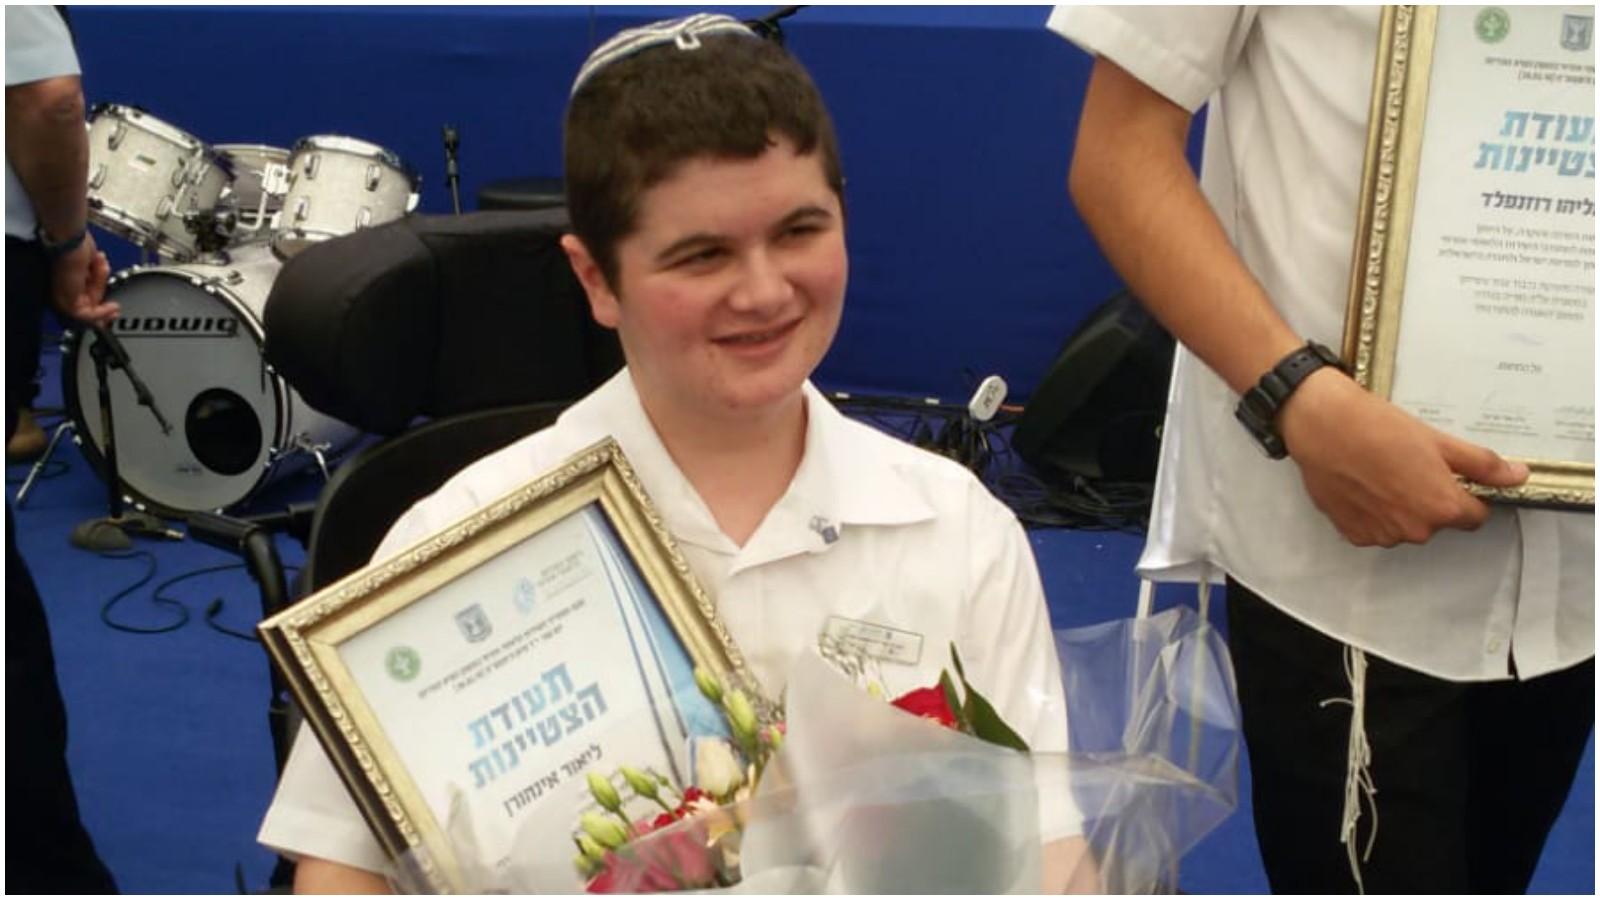 """יום עצוב: ליאור אינהורן, מתנדב במד""""א פתח תקוה, נפטר בגיל 21"""